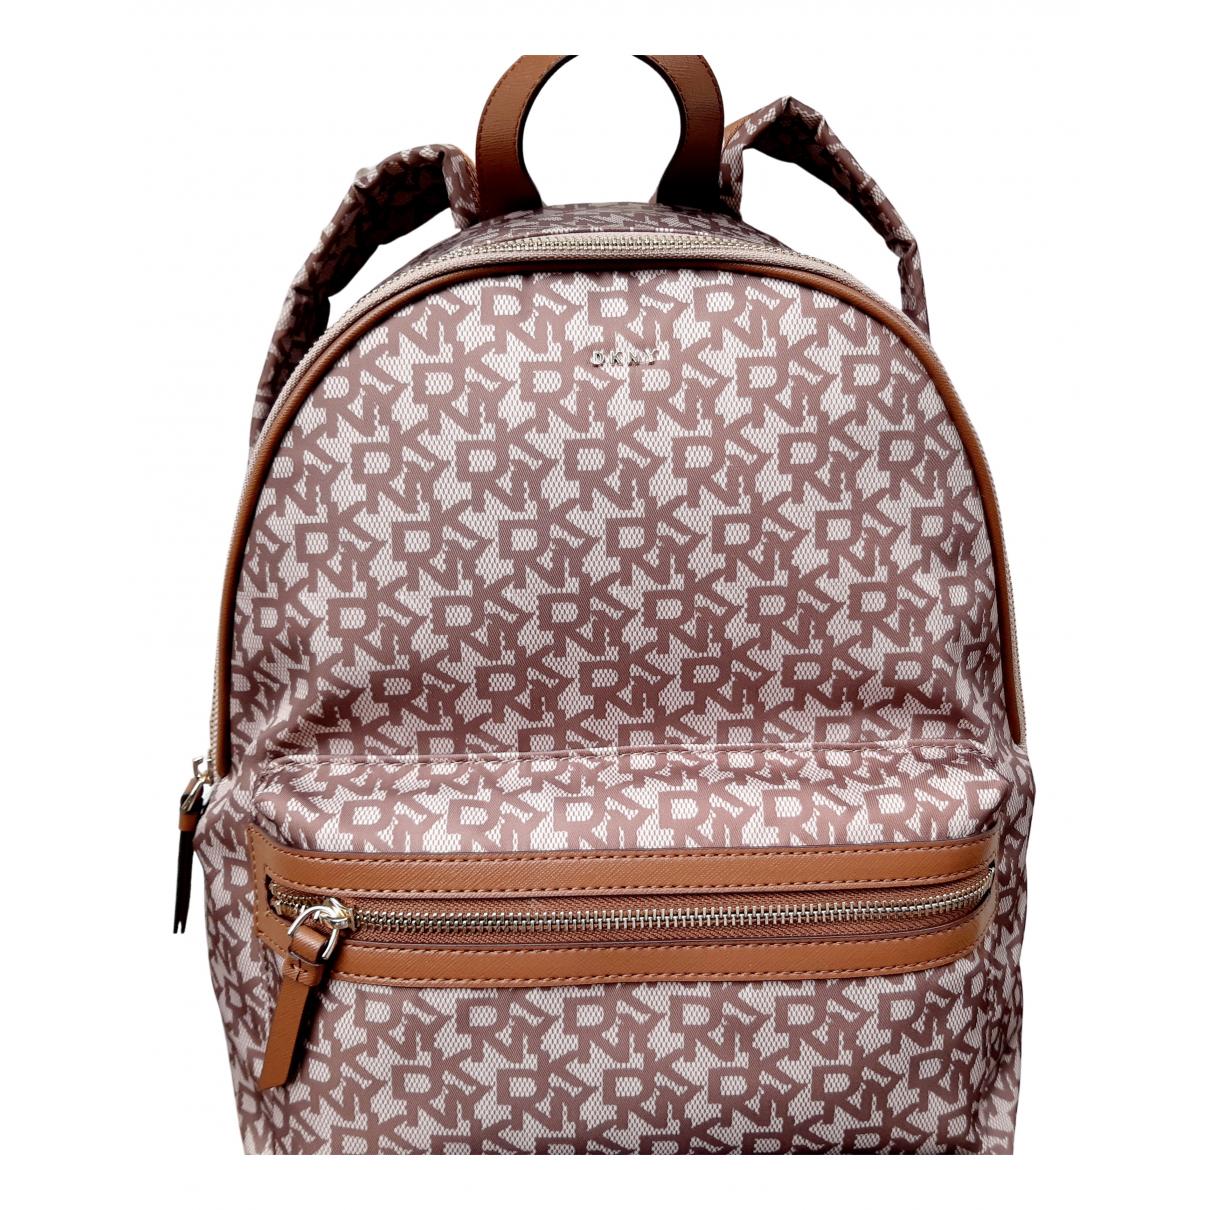 Dkny \N Brown Cloth backpack for Women \N